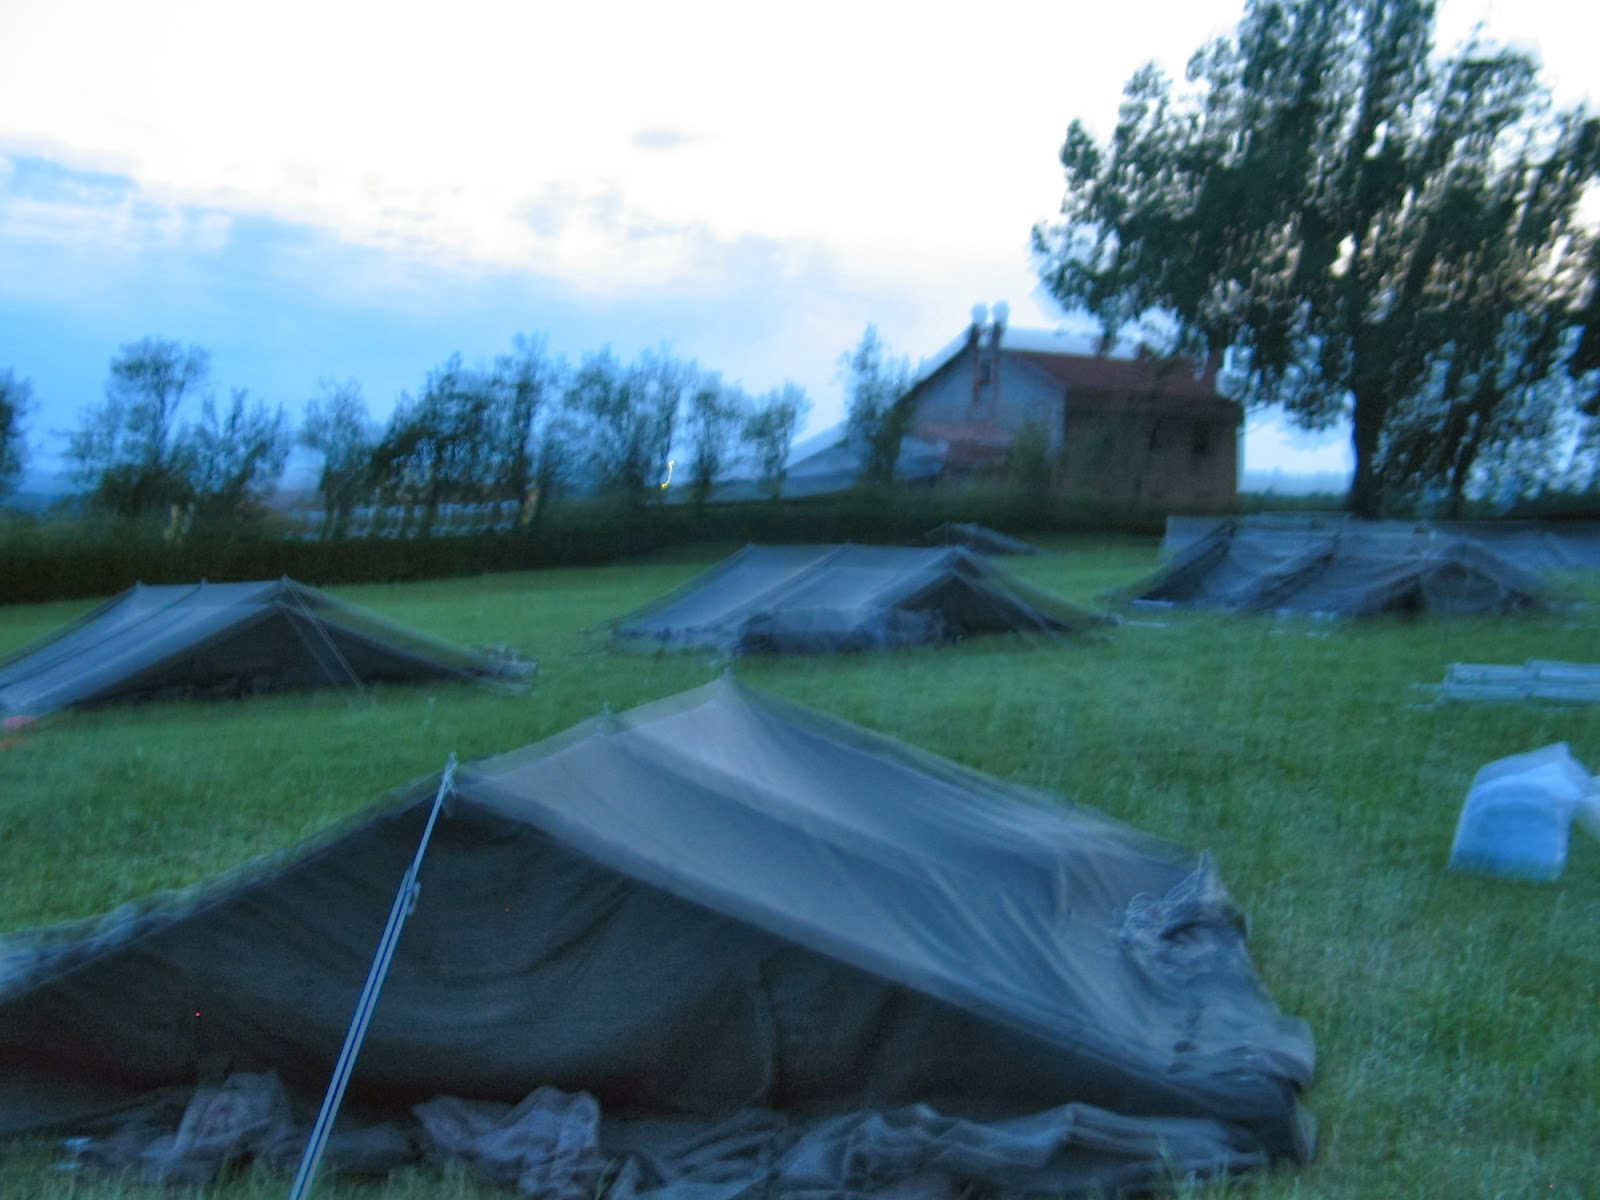 Pow-wow, Ilirska Bistrica 2004 - Zlet%2B2004%2B031.jpg